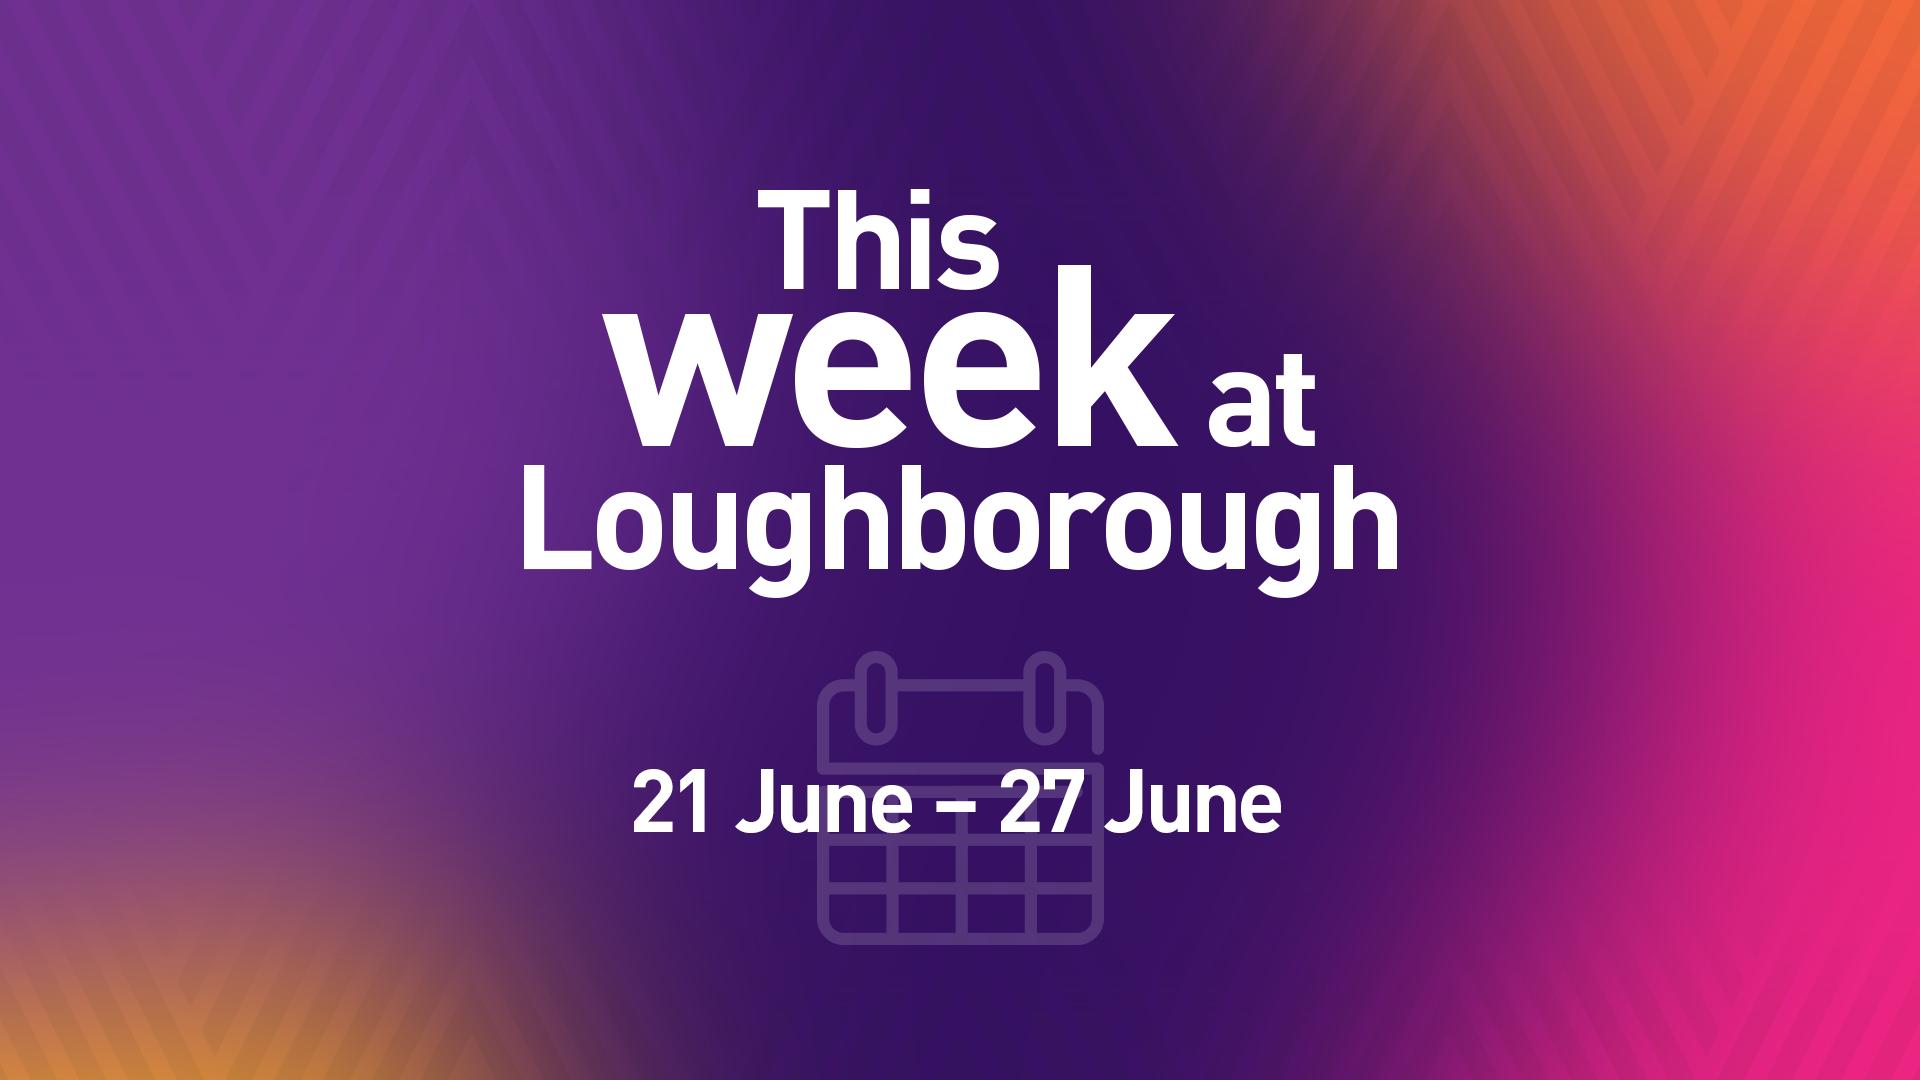 This Week at Loughborough | 21 June